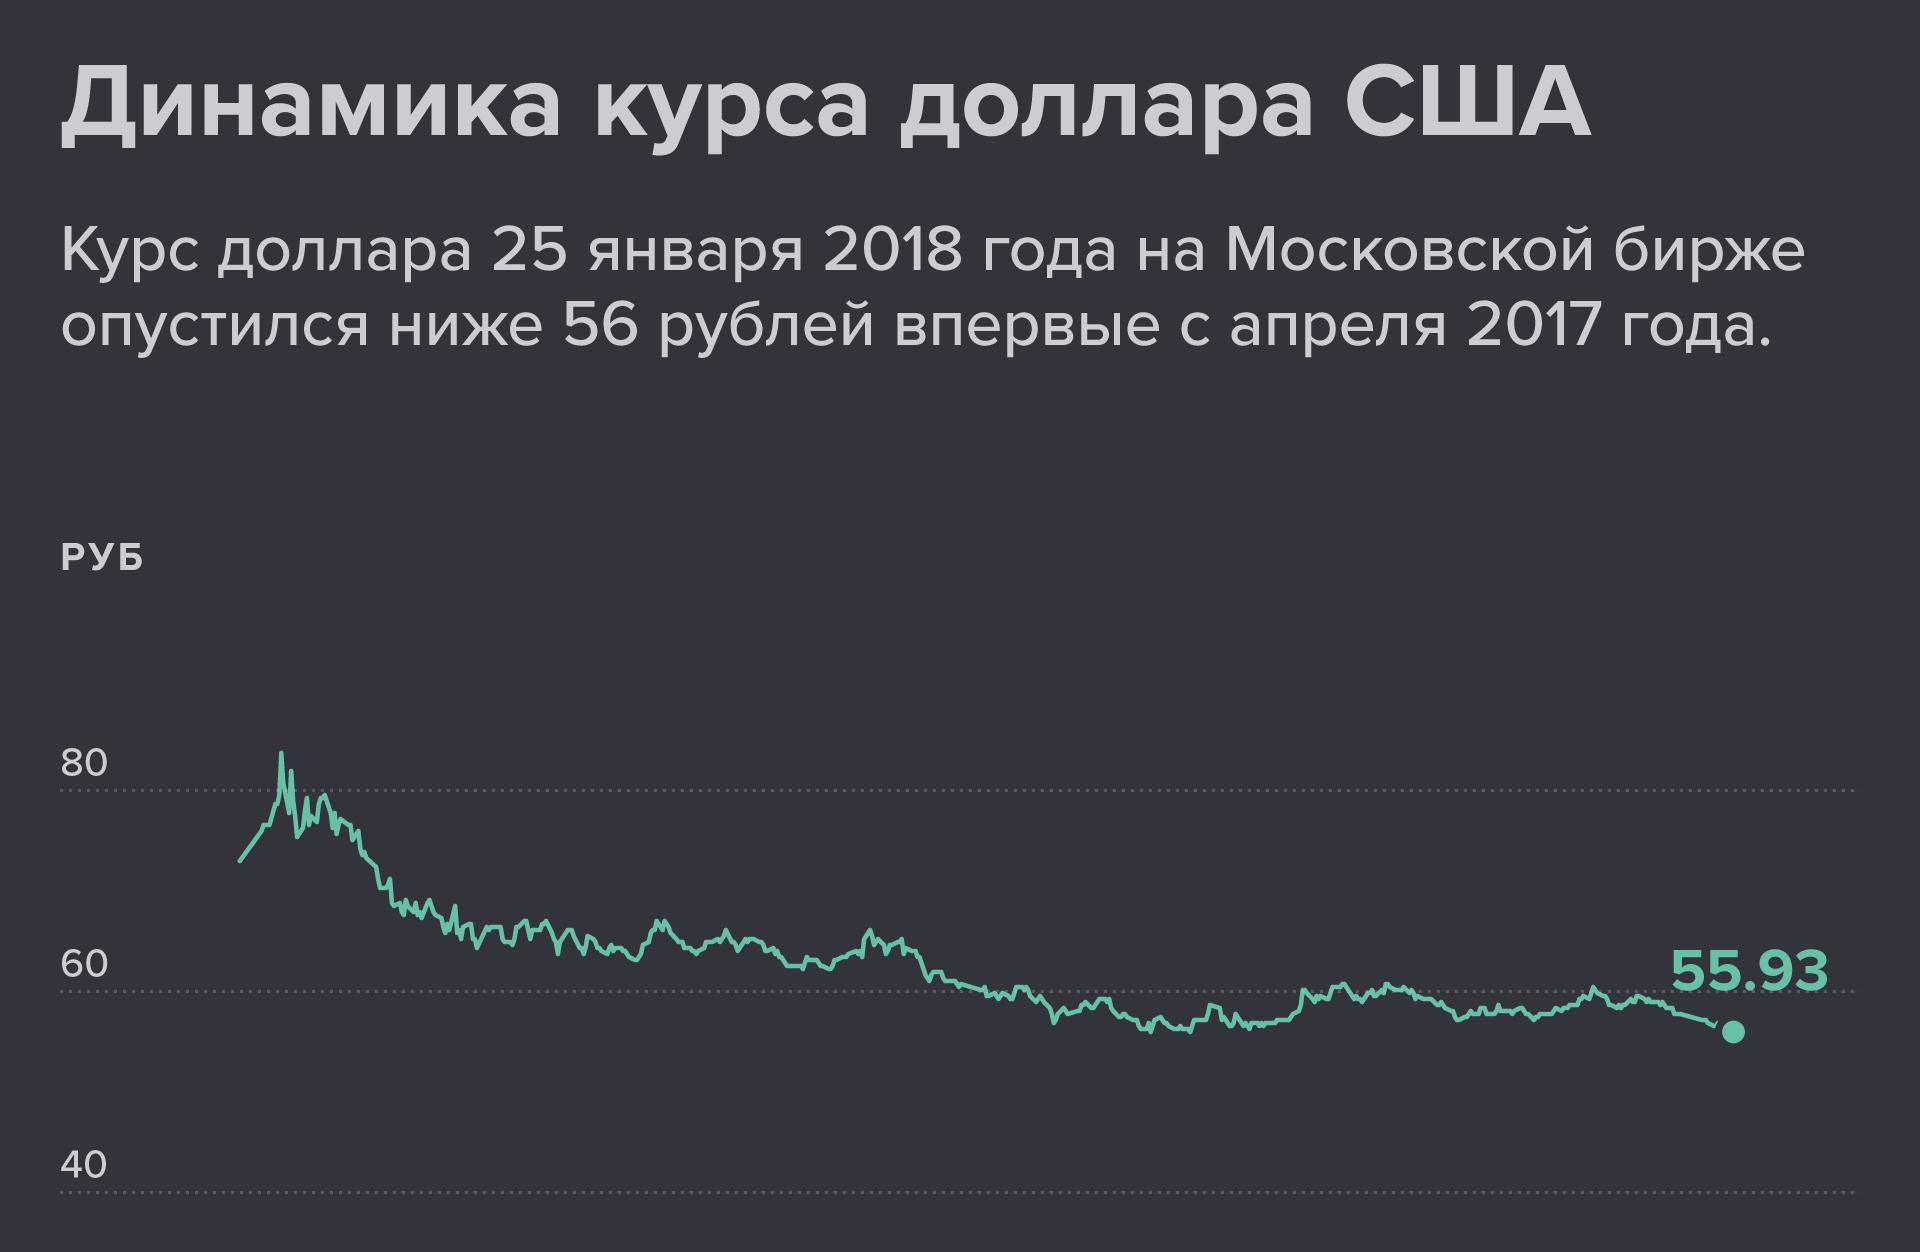 Динамика курса доллара США по отношению к российскому рублю